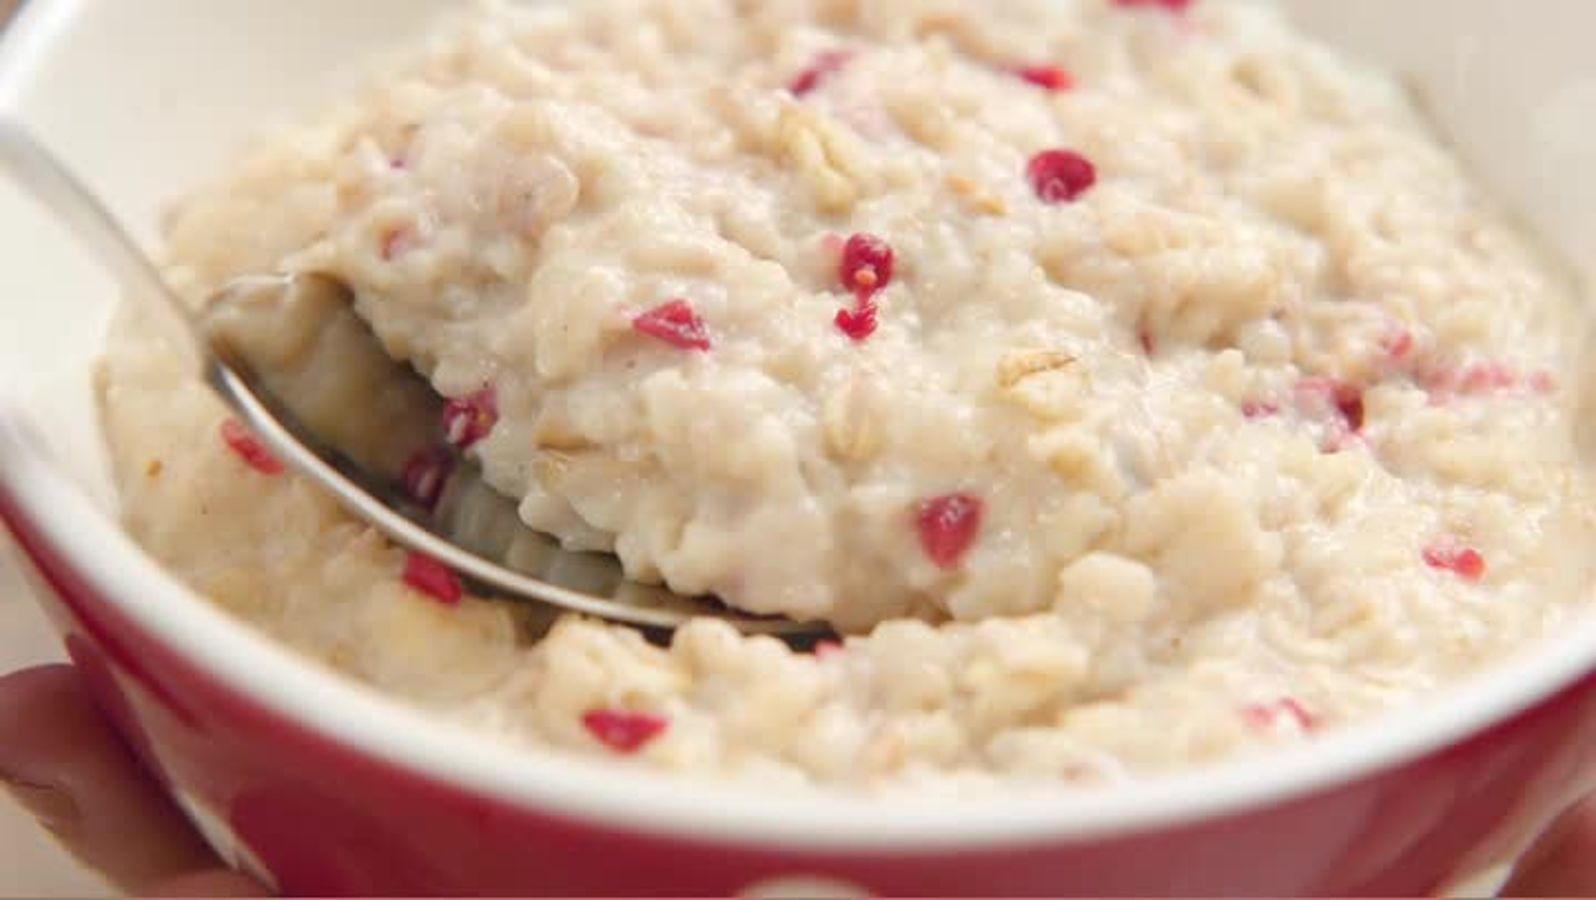 Porridge That's Just Right